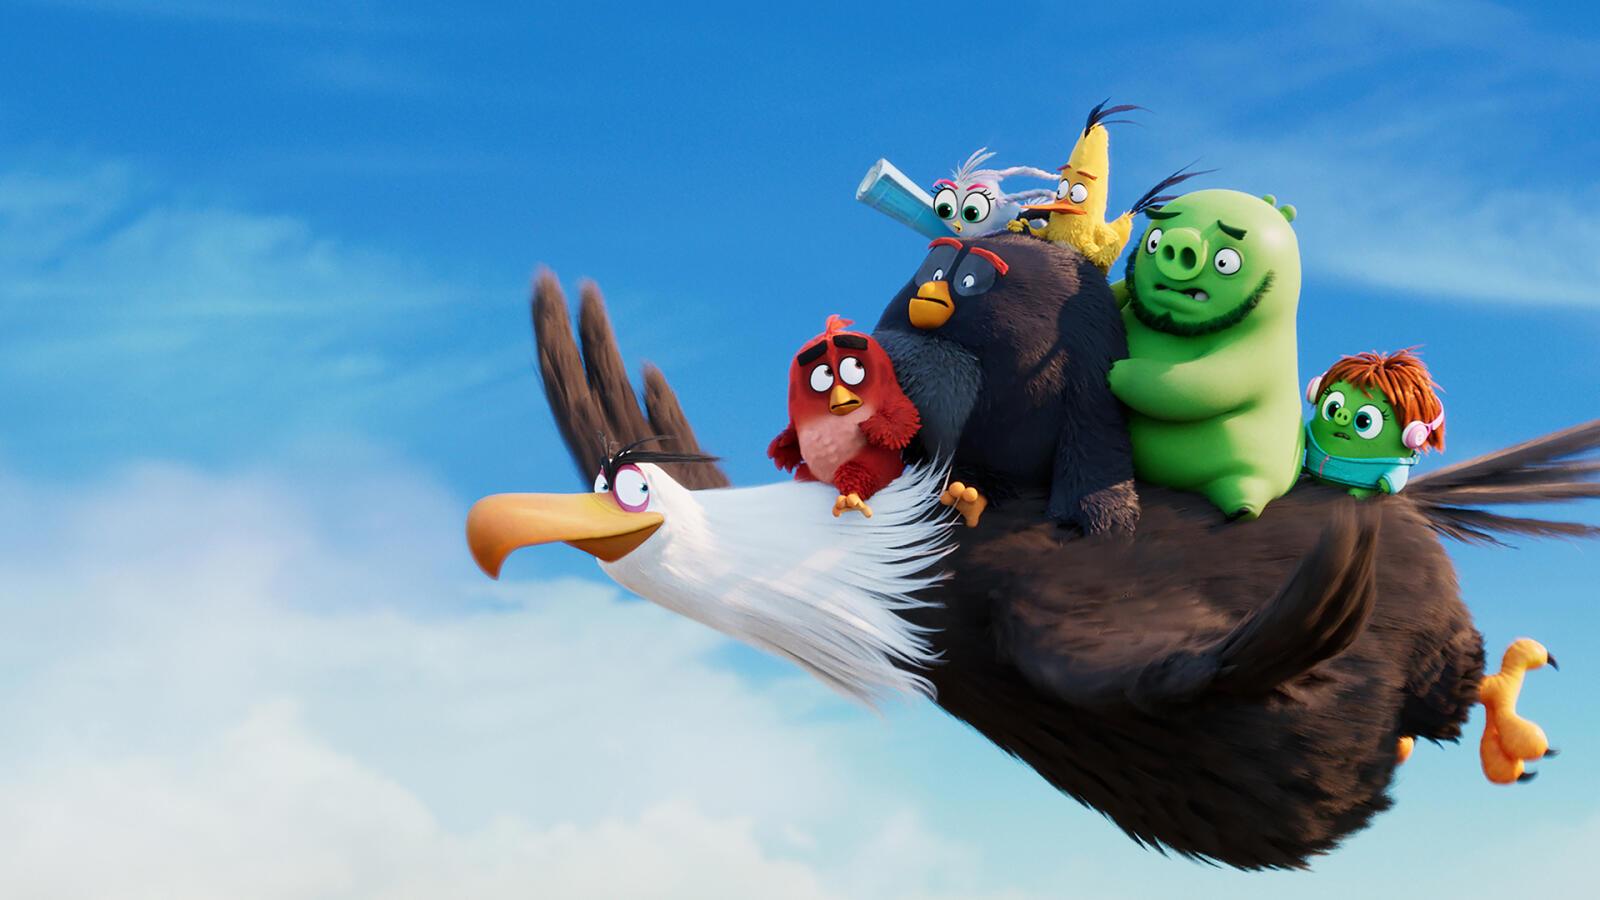 Nya filmer på Viaplay - The Angry Birds Movie 2